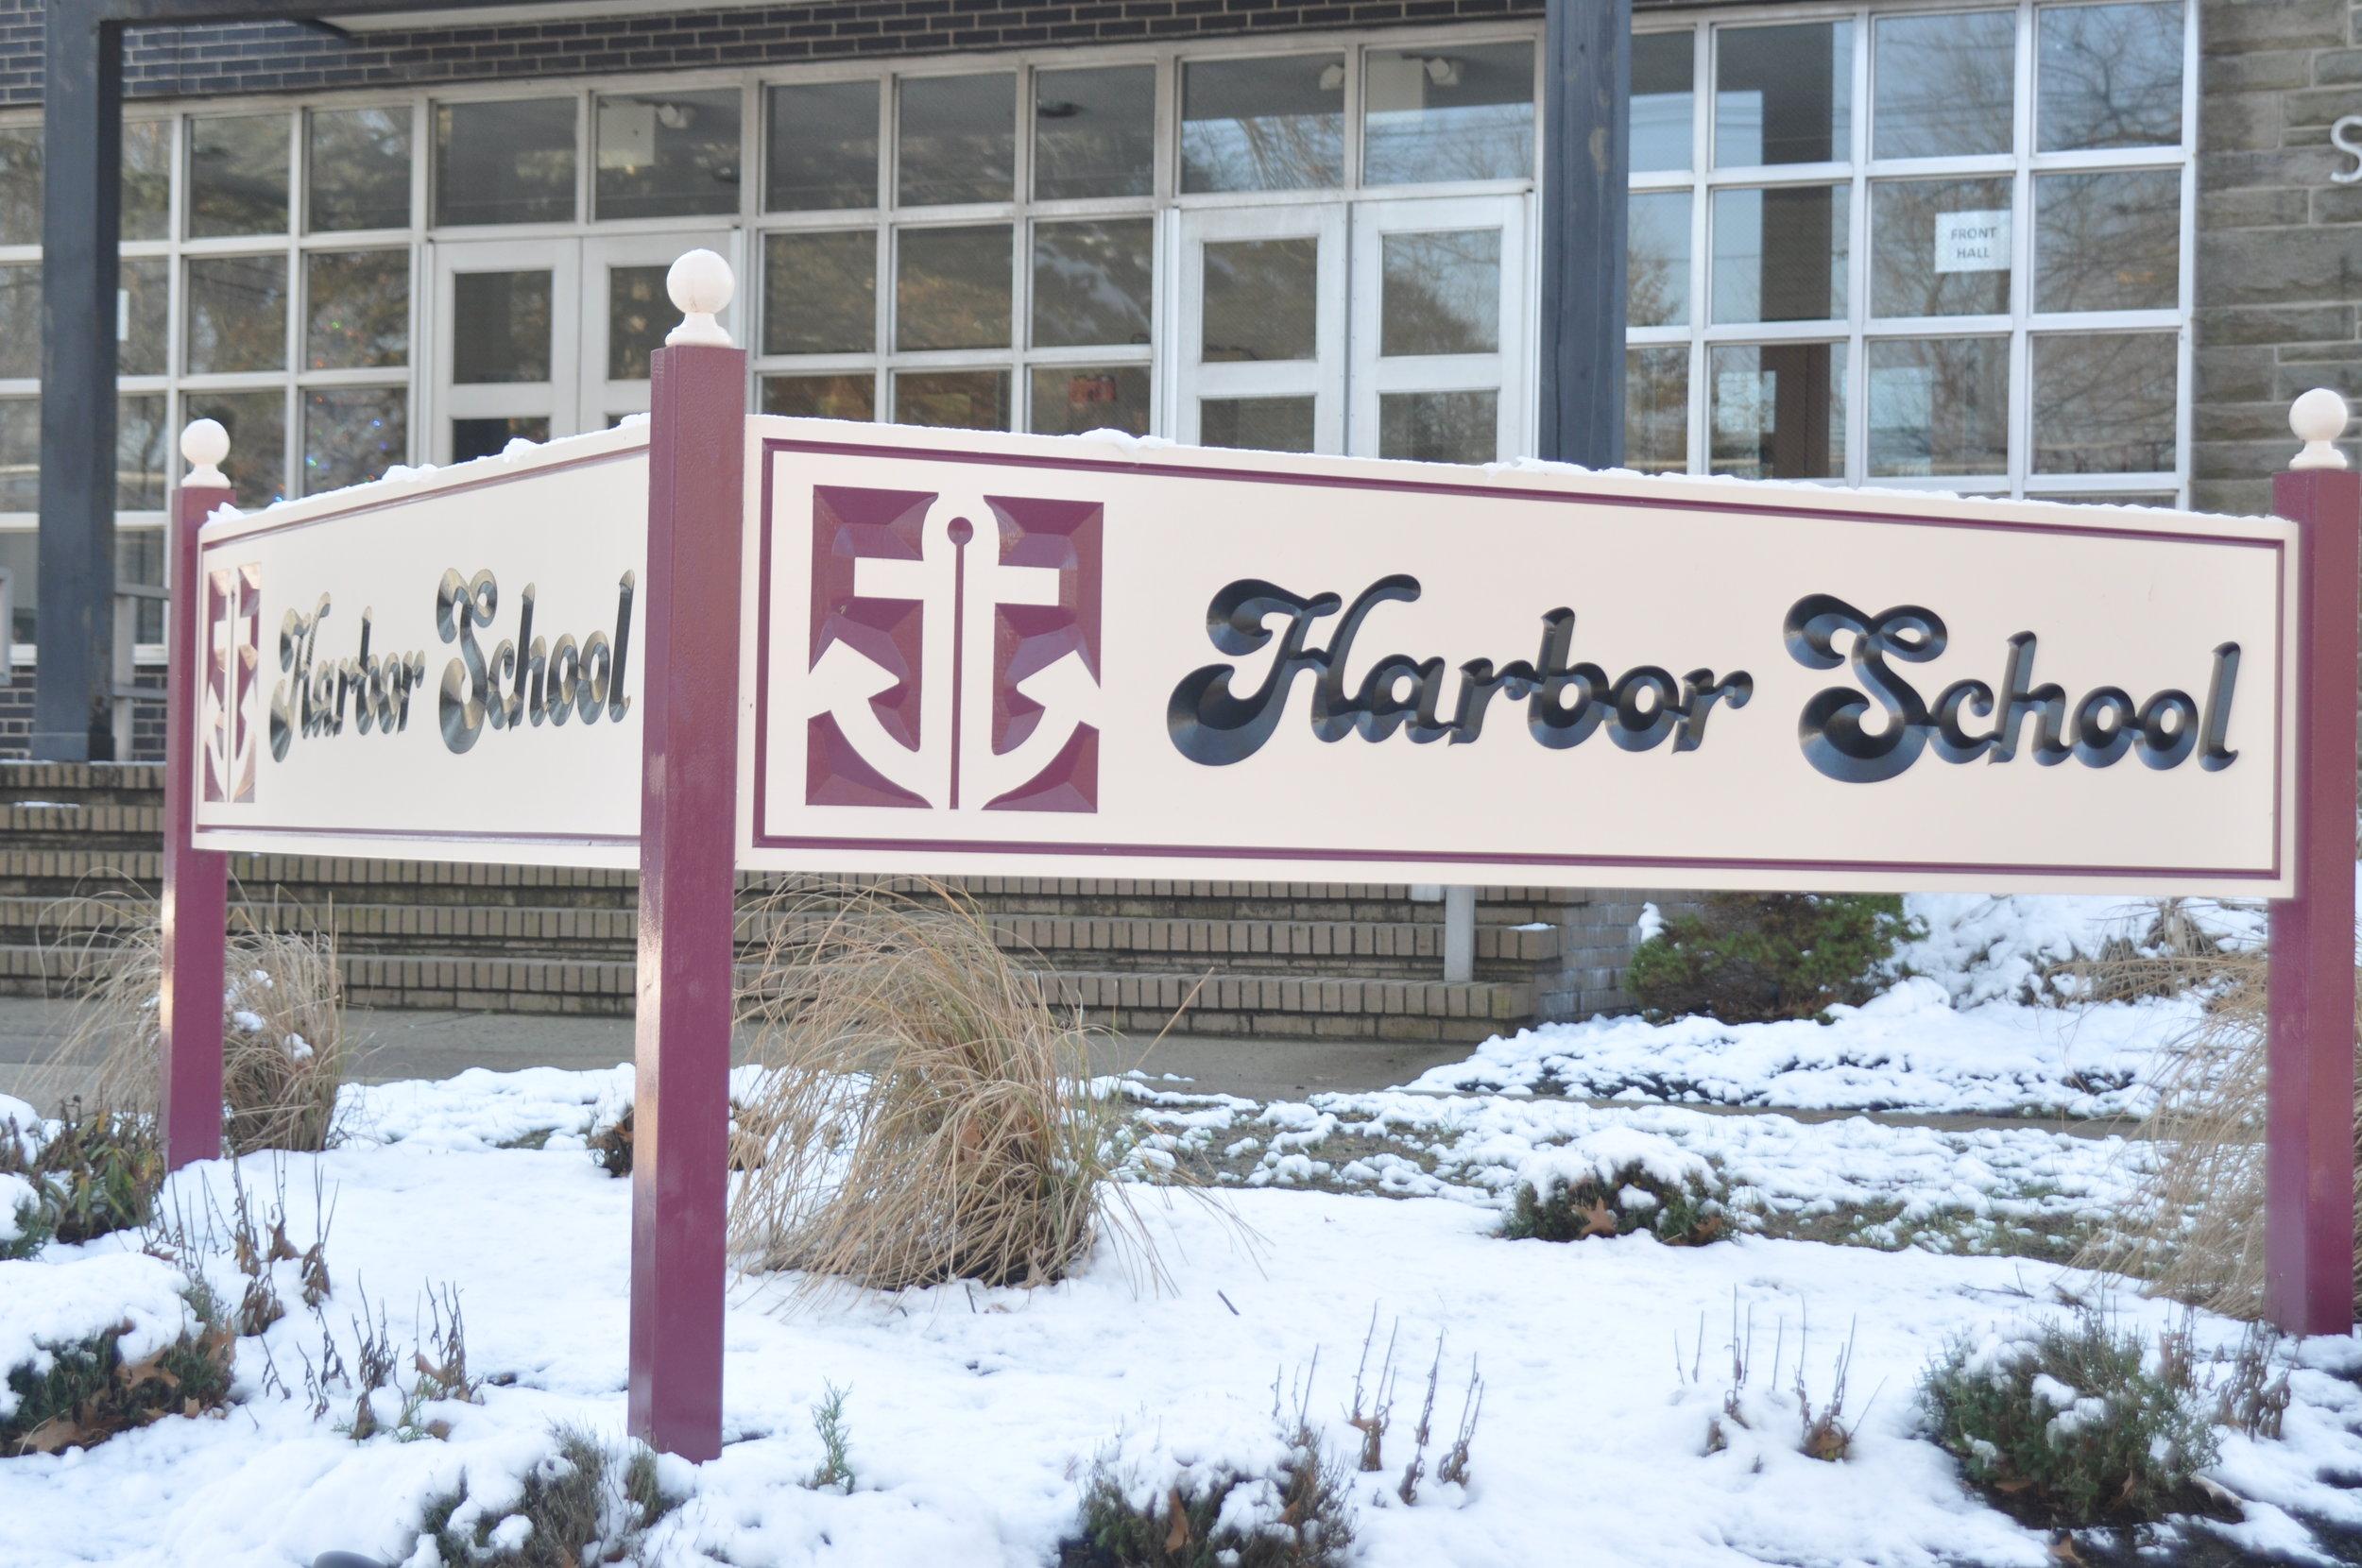 harbor-school-review.JPG